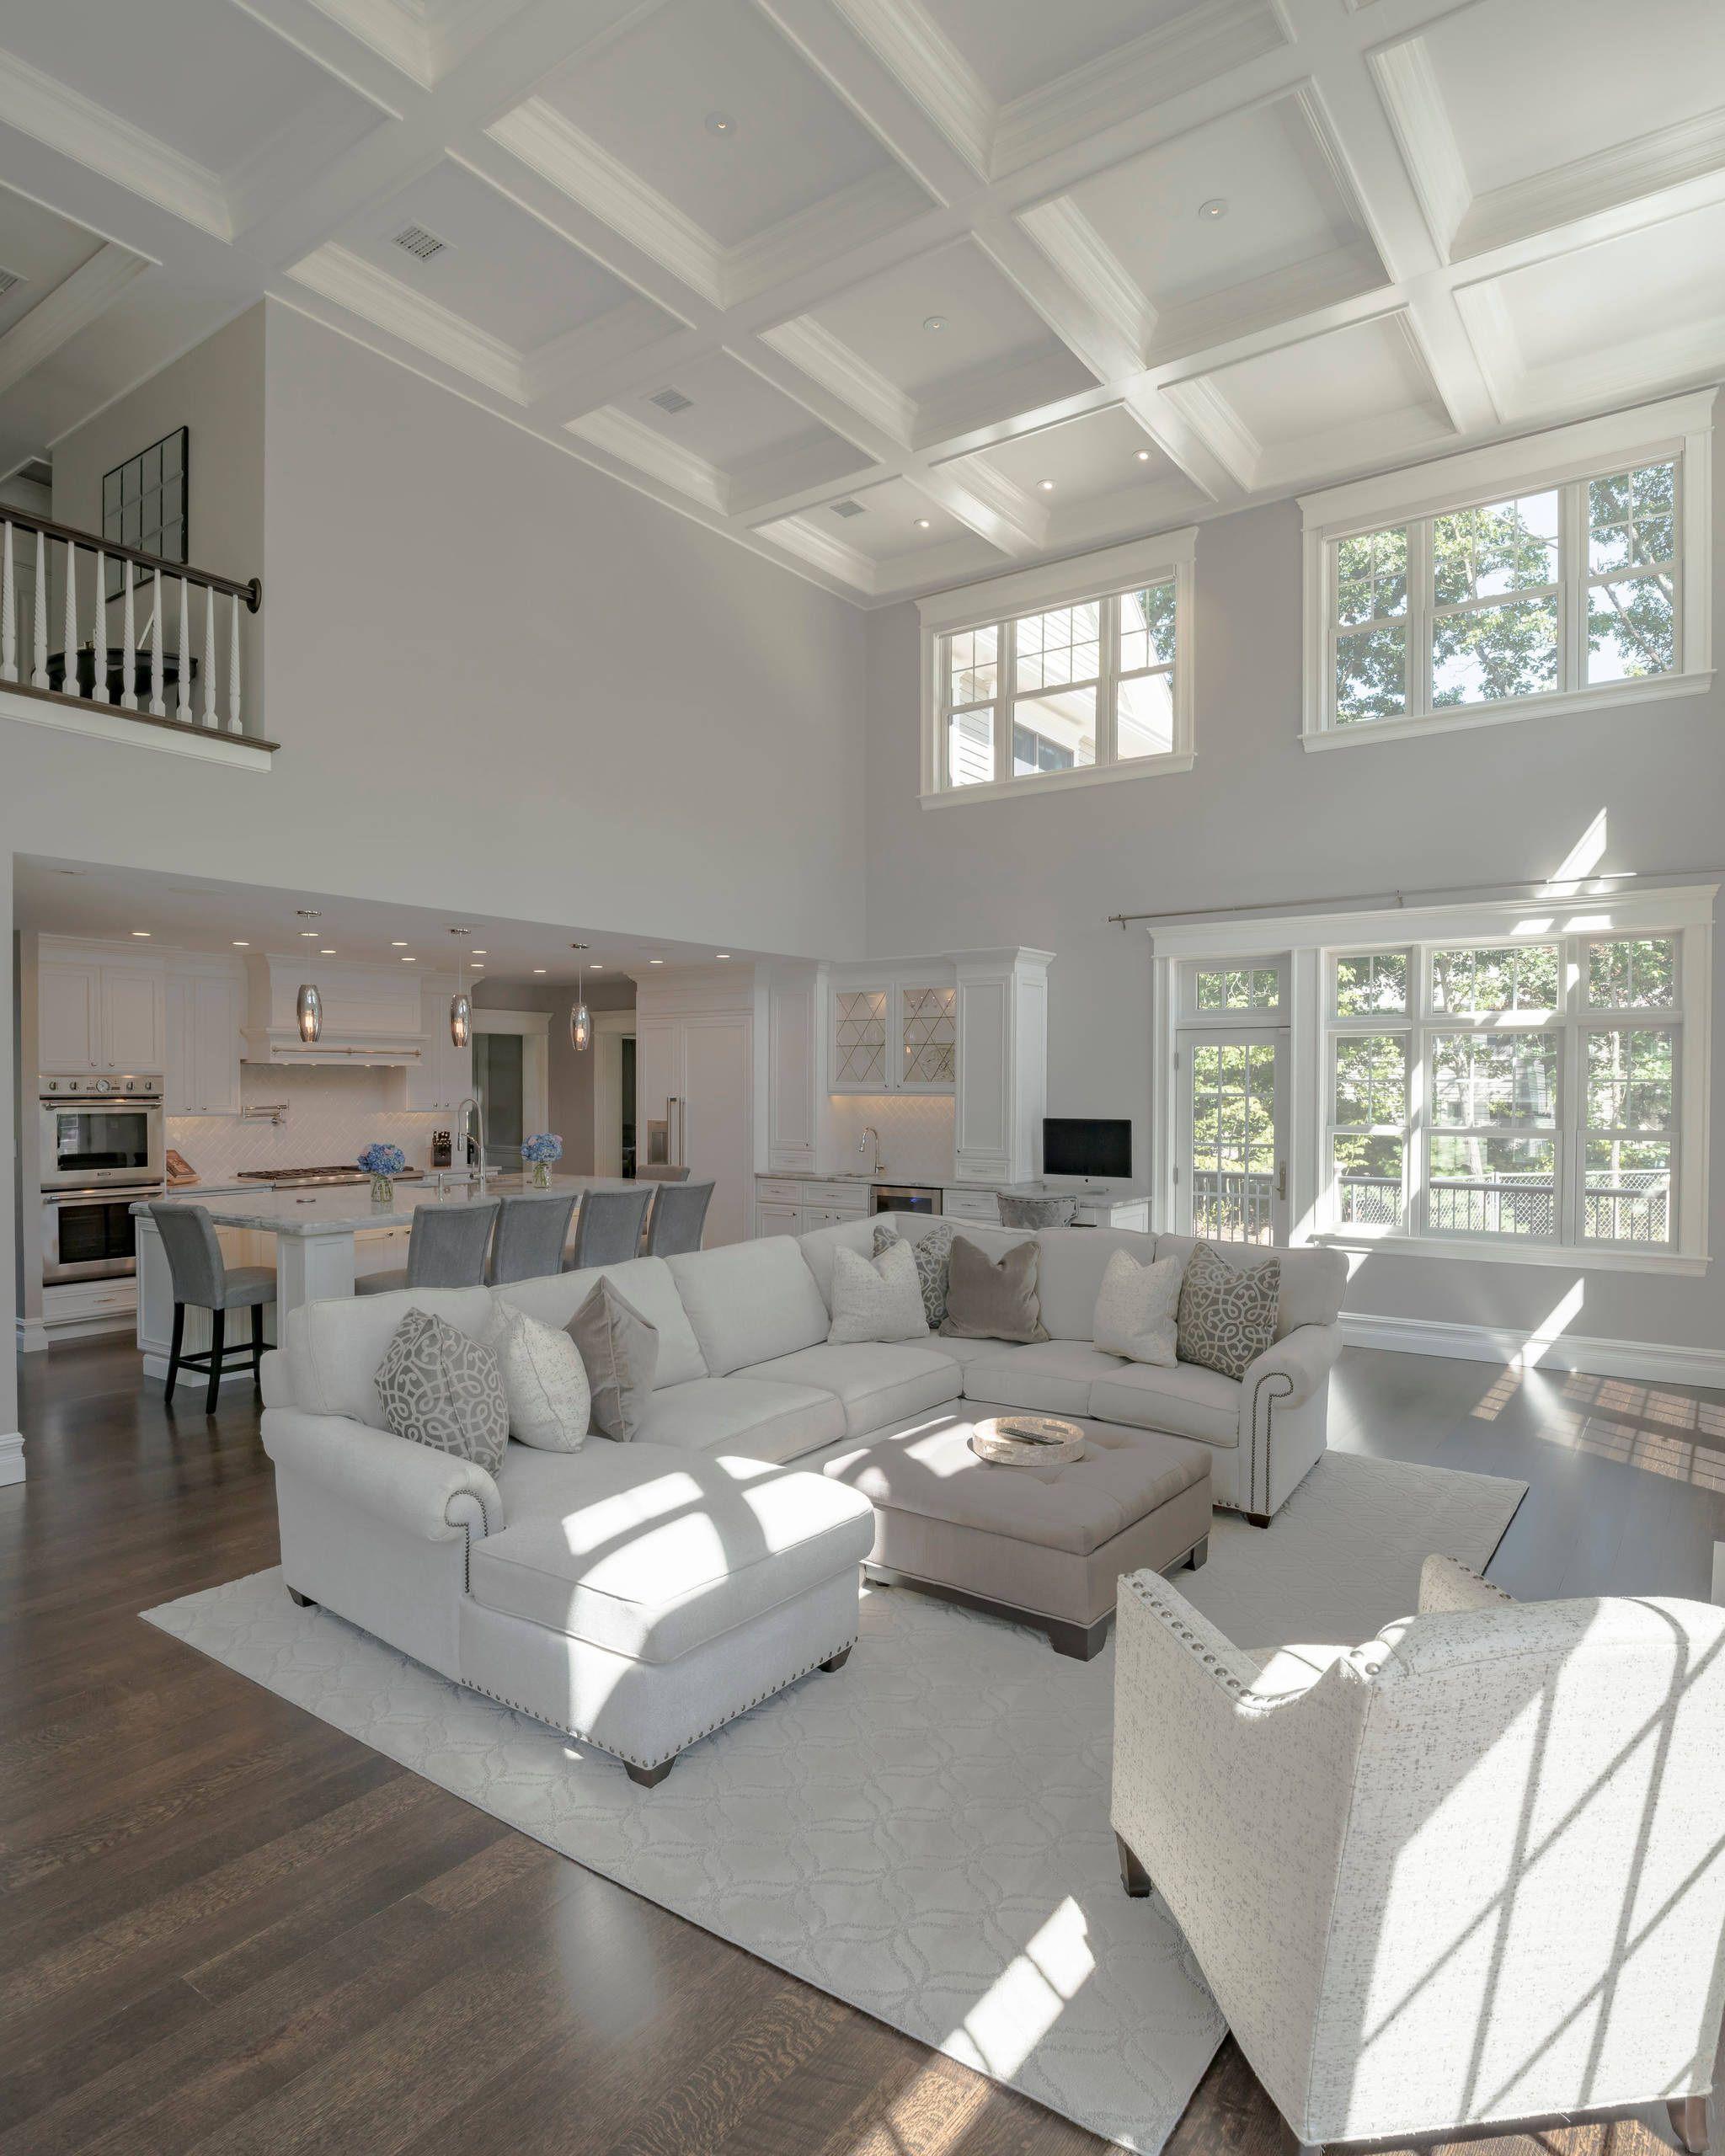 99 Modern Decor Ideas For Living Room 2021 In 2020 Living Room Design Modern Luxury Living Room Farm House Living Room